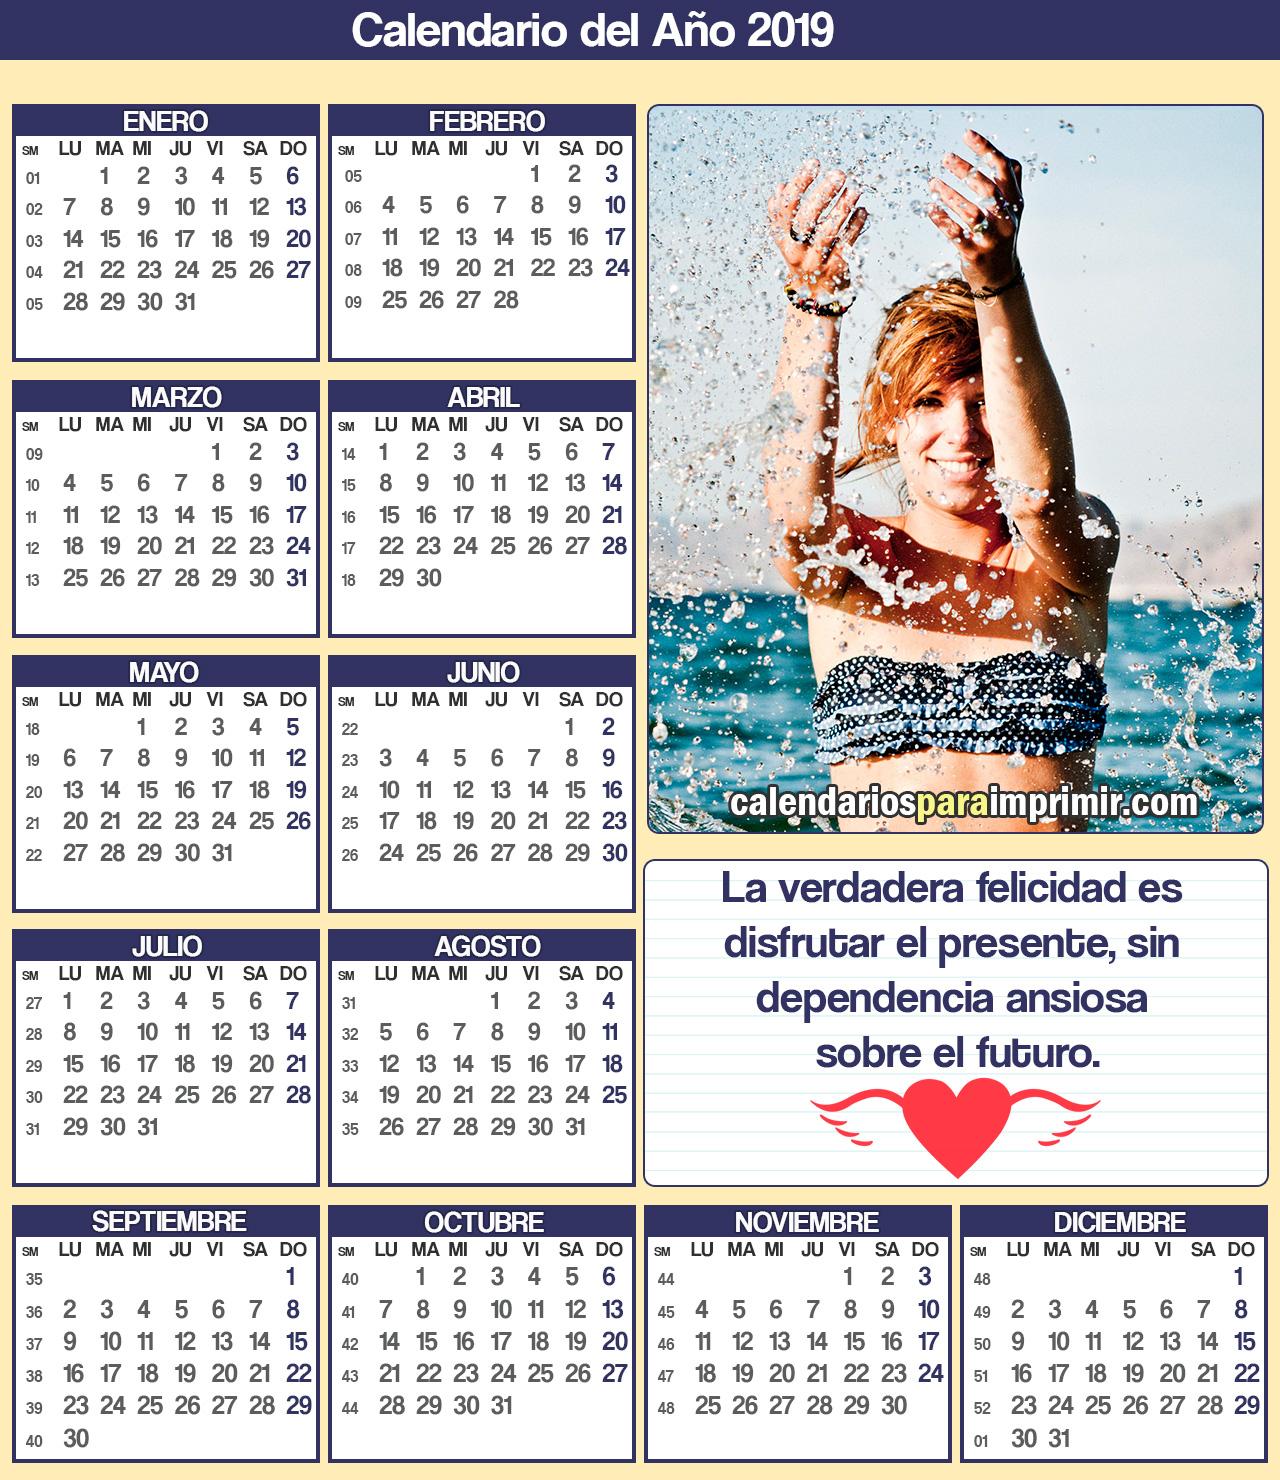 calendarios para imprimir 2019 felicidad